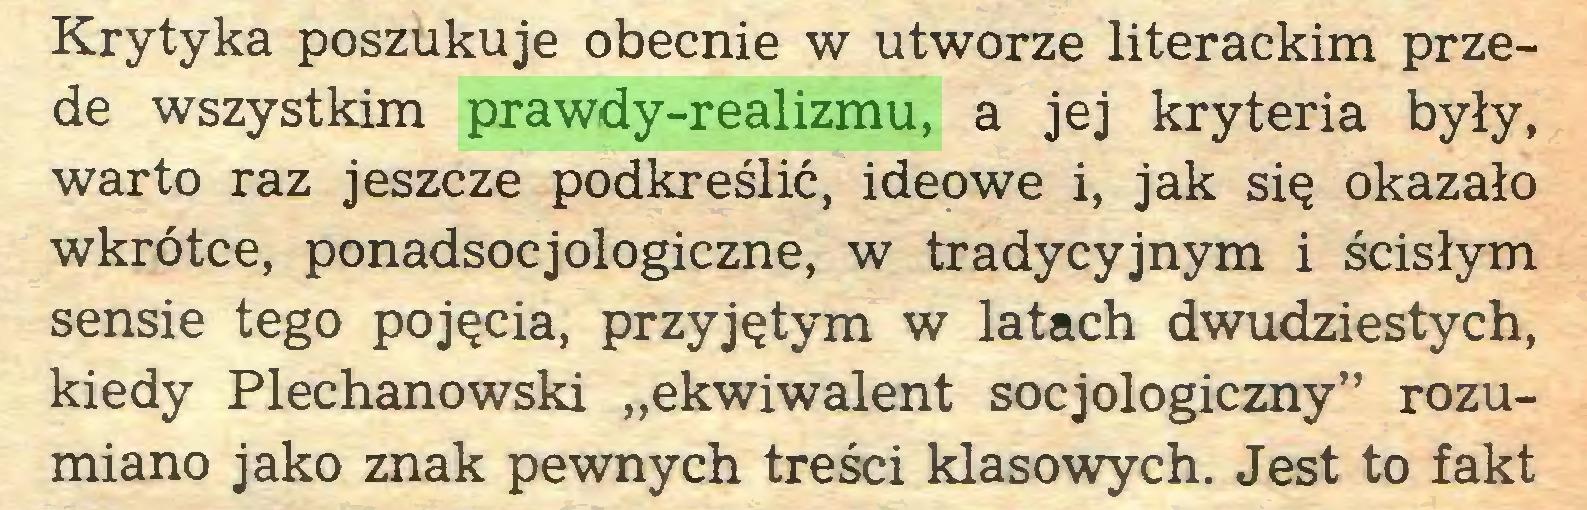 """(...) Krytyka poszukuje obecnie w utworze literackim przede wszystkim prawdy-realizmu, a jej kryteria były, warto raz jeszcze podkreślić, ideowe i, jak się okazało wkrótce, ponadsocjologiczne, w tradycyjnym i ścisłym sensie tego pojęcia, przyjętym w latach dwudziestych, kiedy Plechanowski """"ekwiwalent socjologiczny"""" rozumiano jako znak pewnych treści klasowych. Jest to fakt..."""